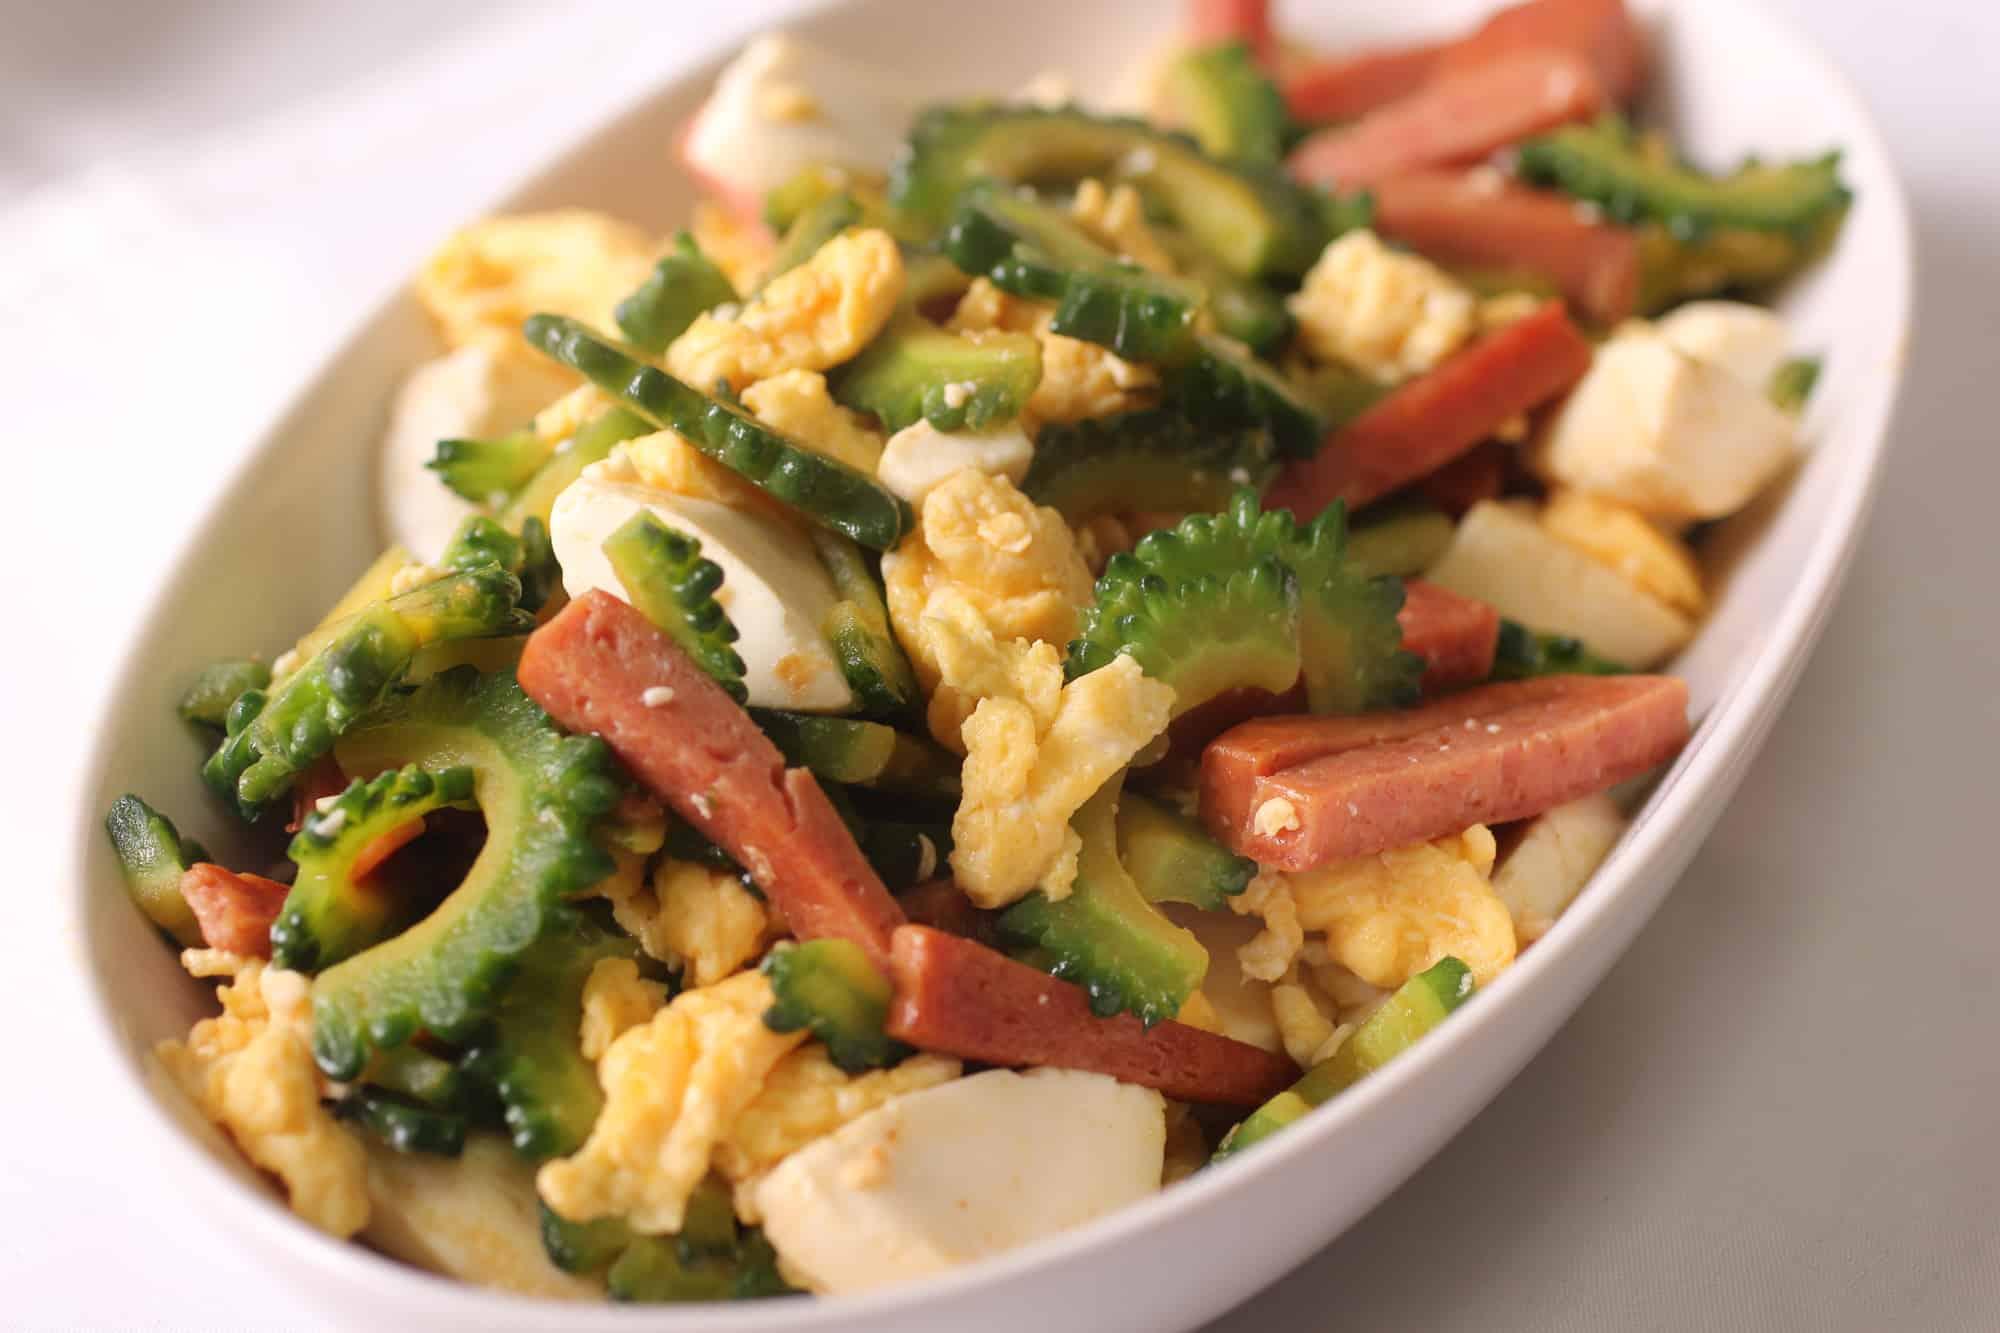 อาหารโอกินาว่า : จัมปุรุ (Champuru)